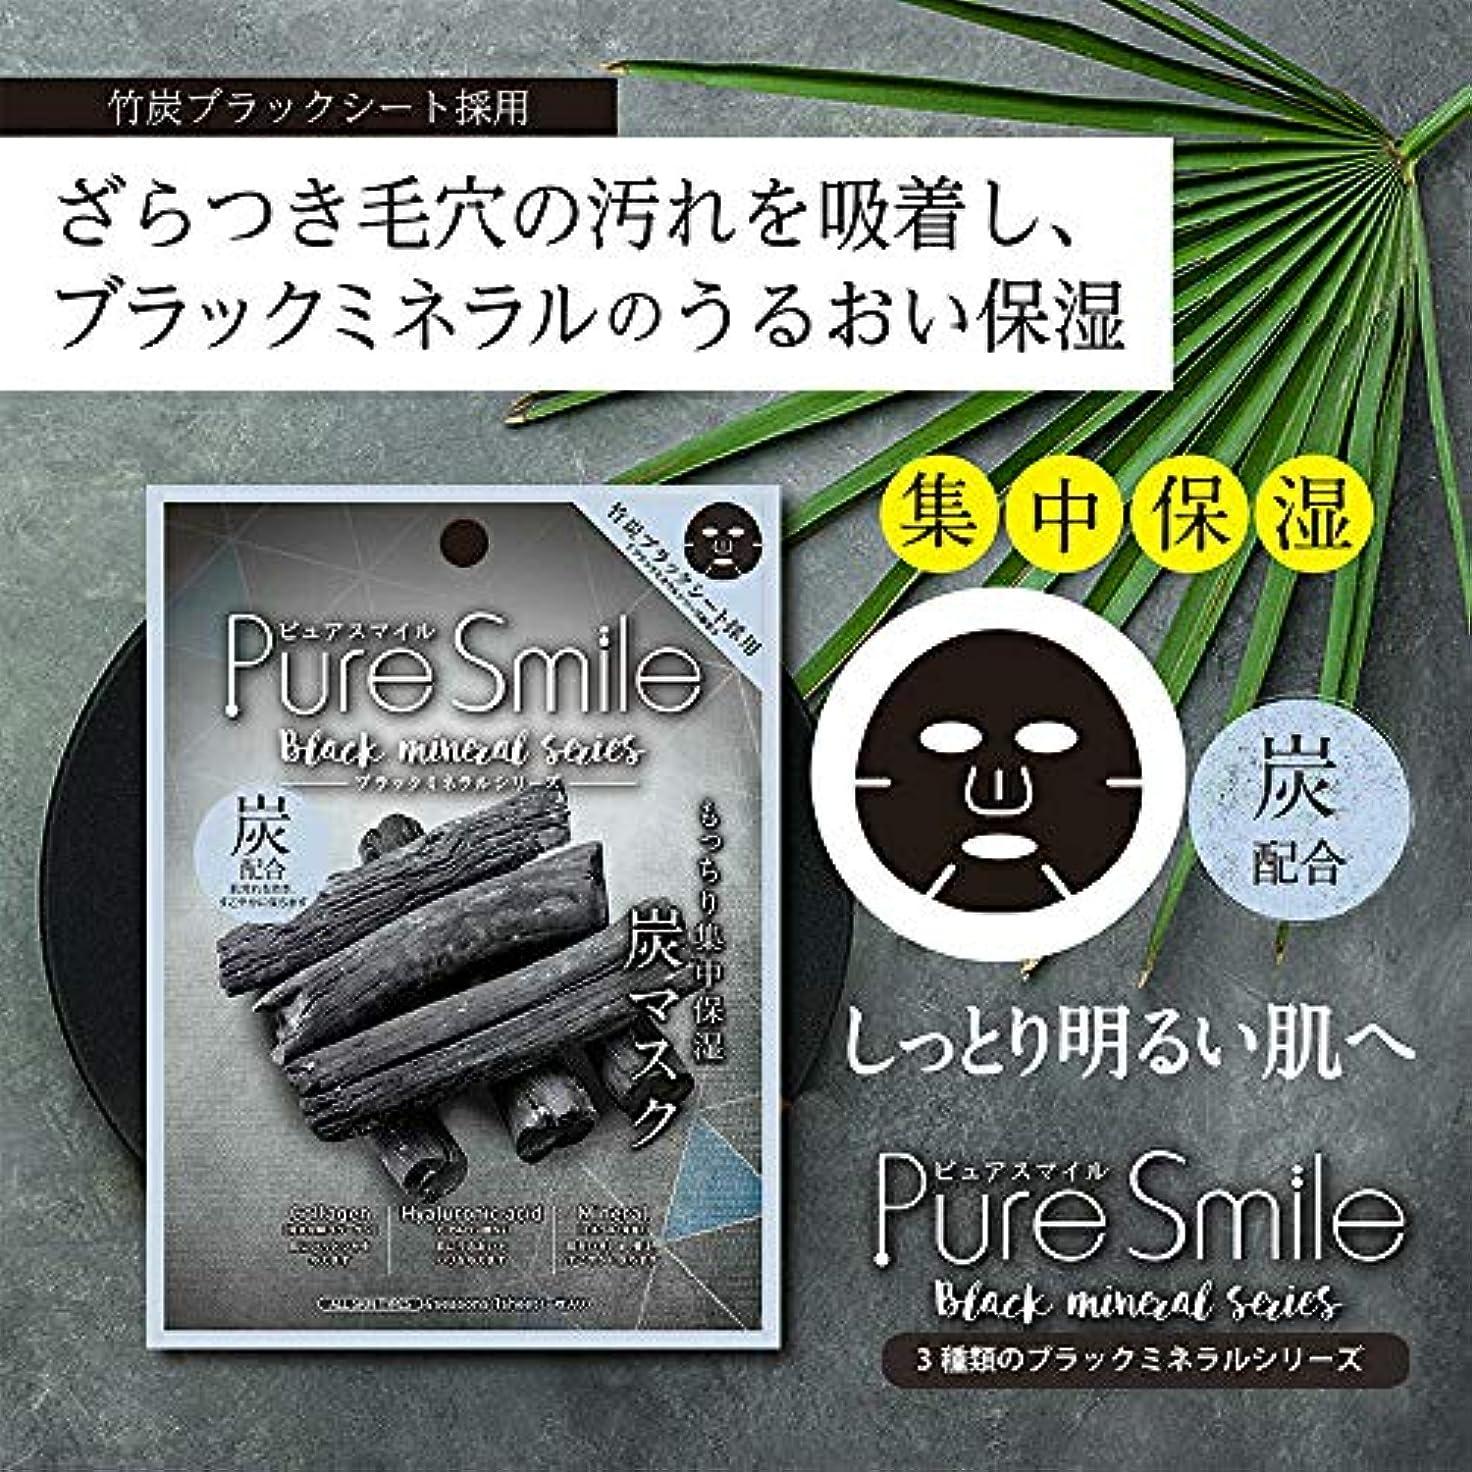 頭痛レタッチ脊椎Pure Smile(ピュアスマイル) エッセンスマスク 『ブラックミネラルシリーズ』(炭) フェイスマスク パック